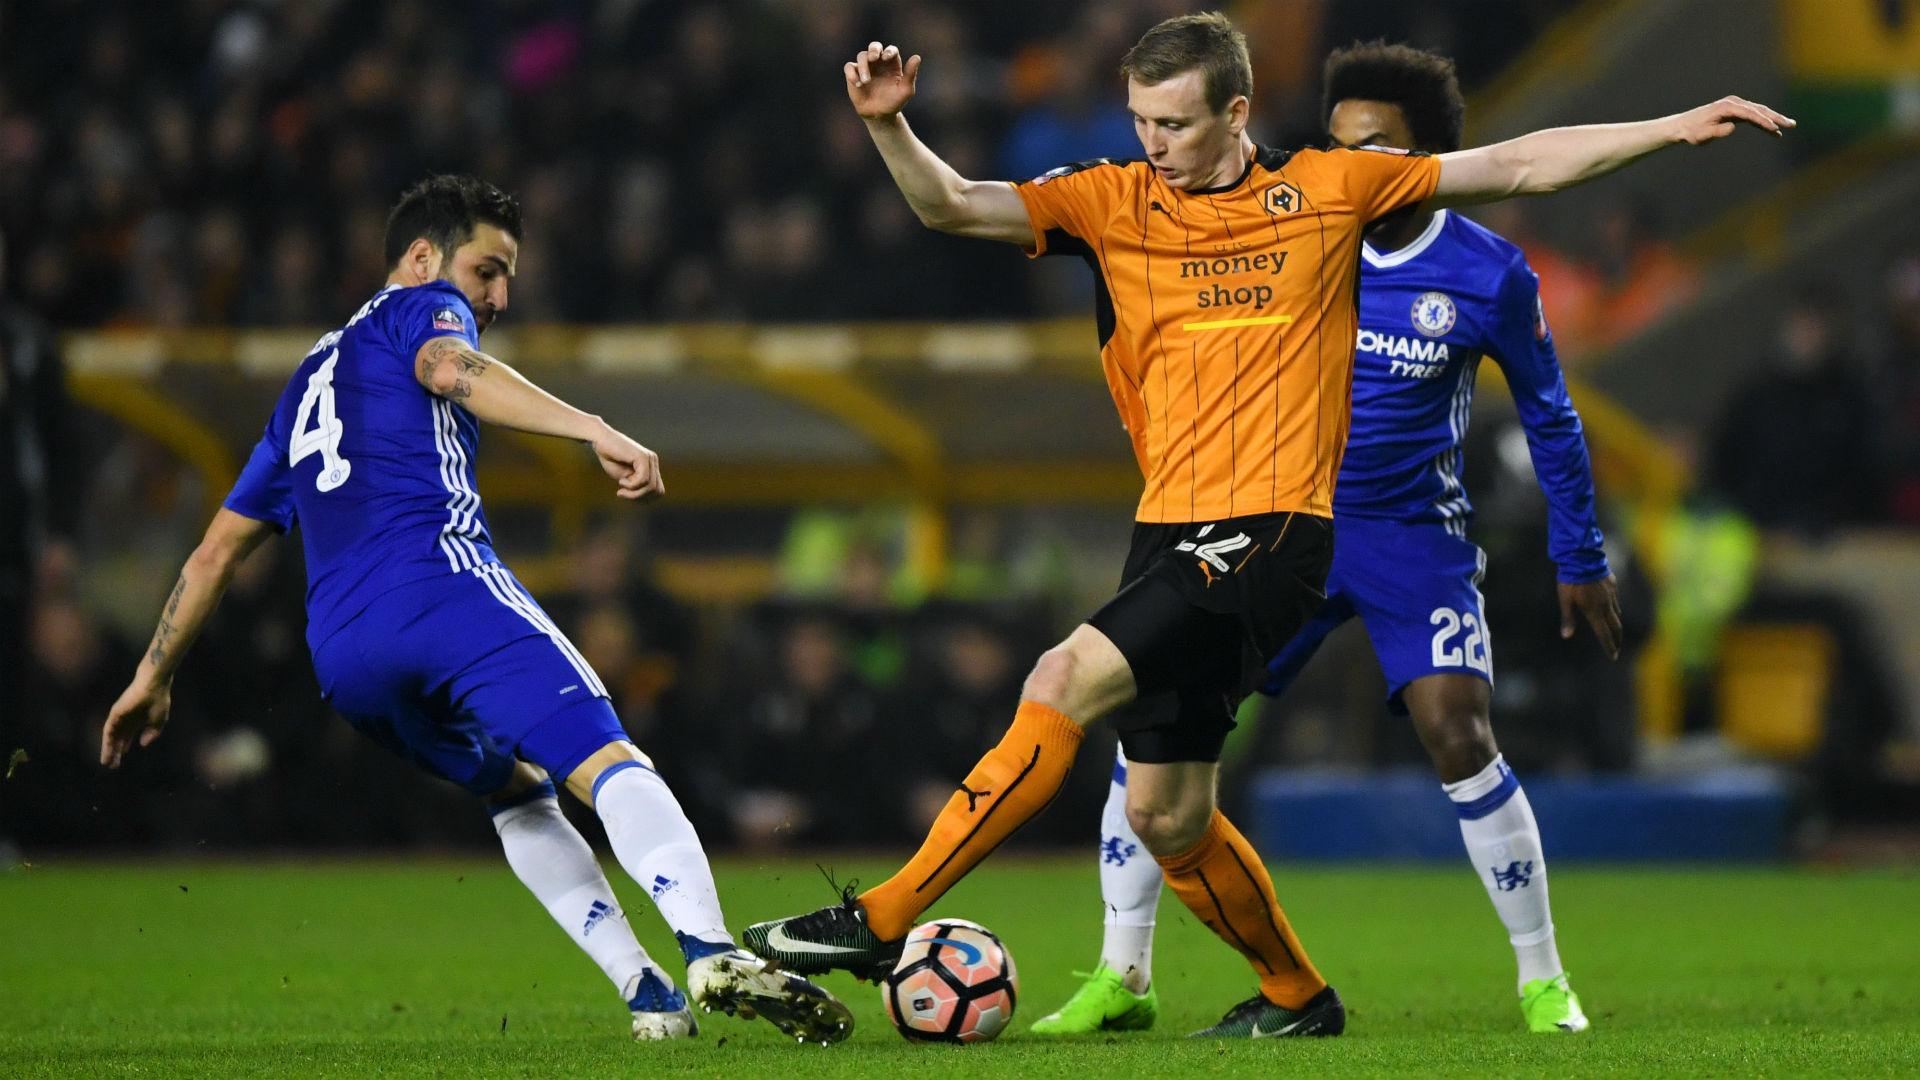 CESC FABREGAS | Chelsea | Cầu thủ người Tây Ban Nha chứng tỏ anh hoàn toàn có thể cạnh tranh cho suất đá chính, với màn trình diễn chói sáng trước Wolves. Anh xứng đáng là cầu thủ hay nhất trận.